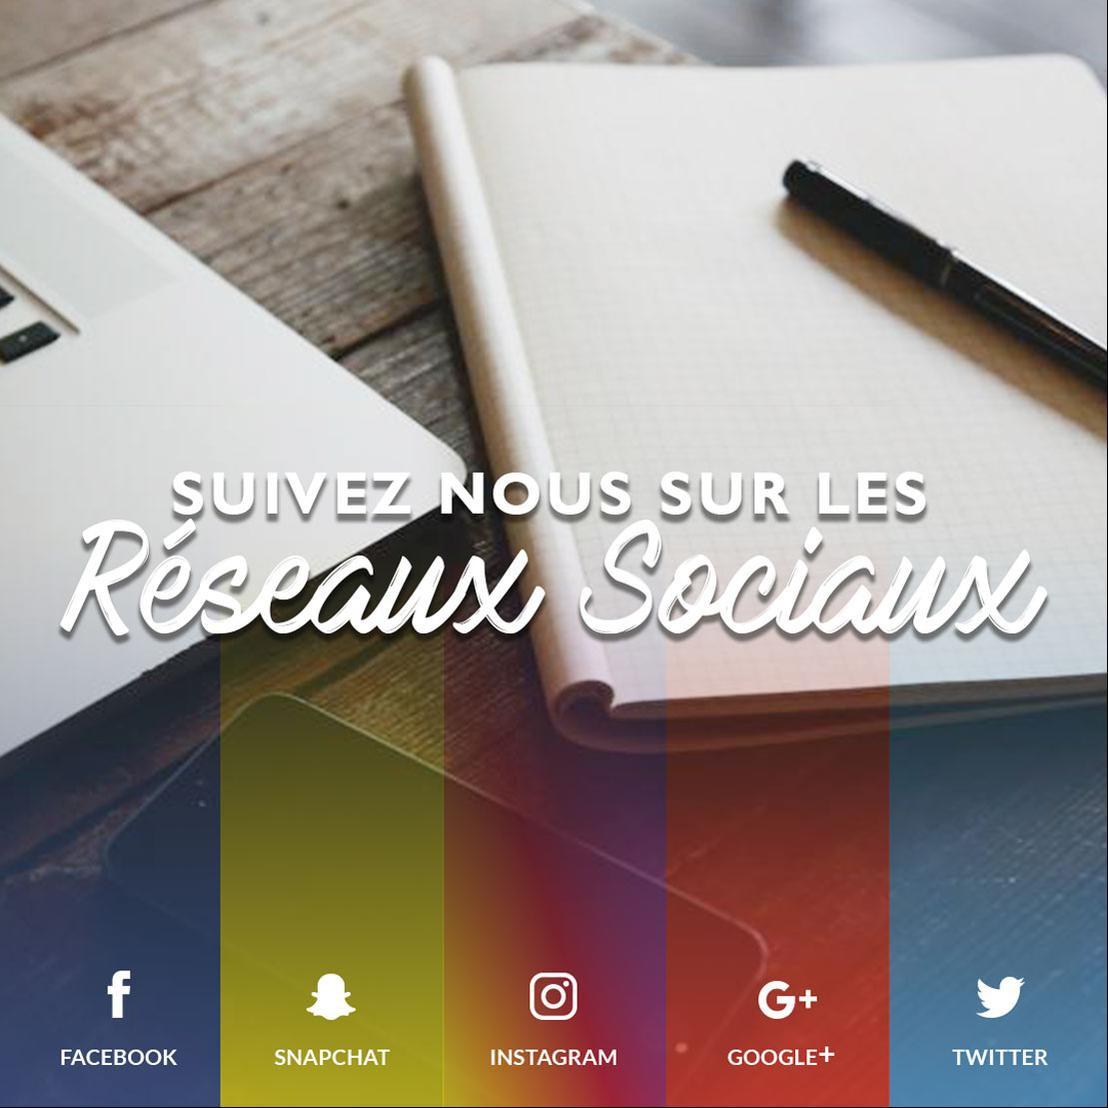 Suivez-nous sur les réseaux sociaux ! de TopChrétien - Qui sommes-nous ? - Actualités — TopChrétien